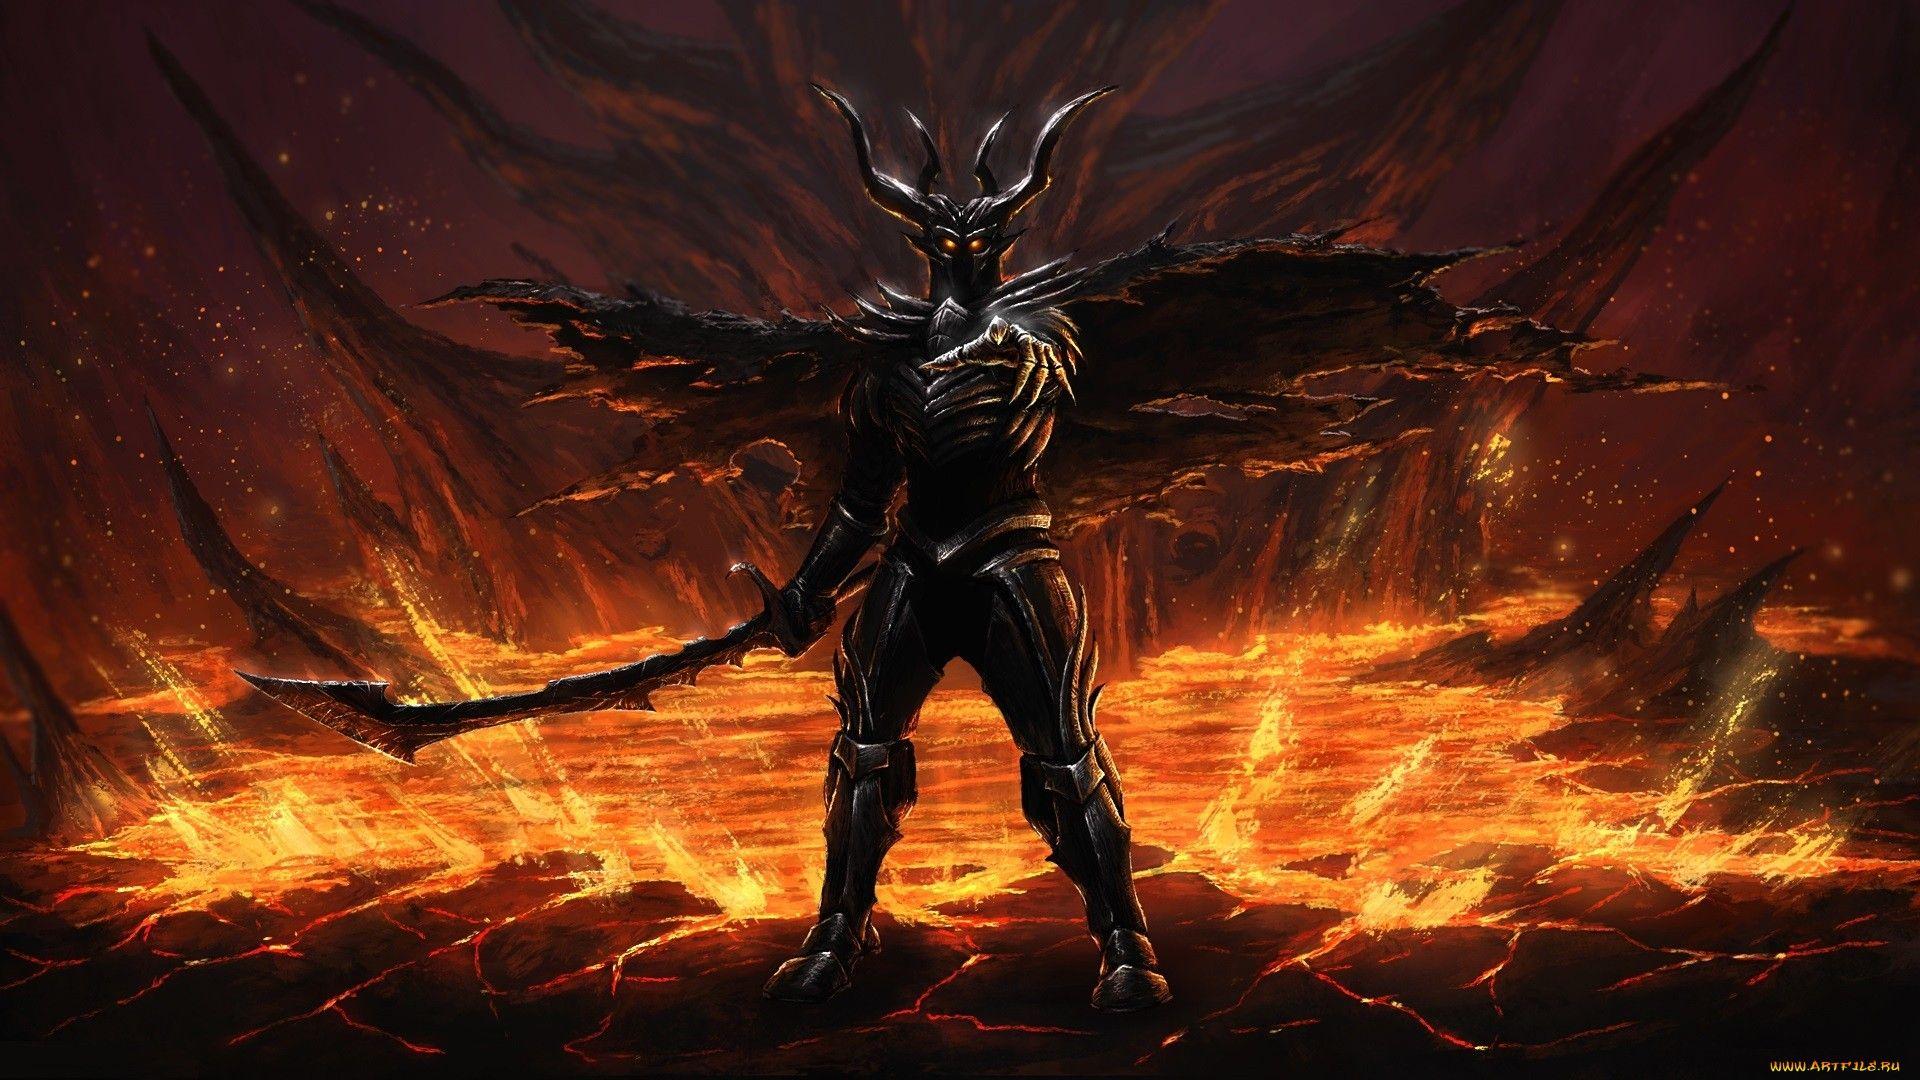 демонический рыцарь картинки может